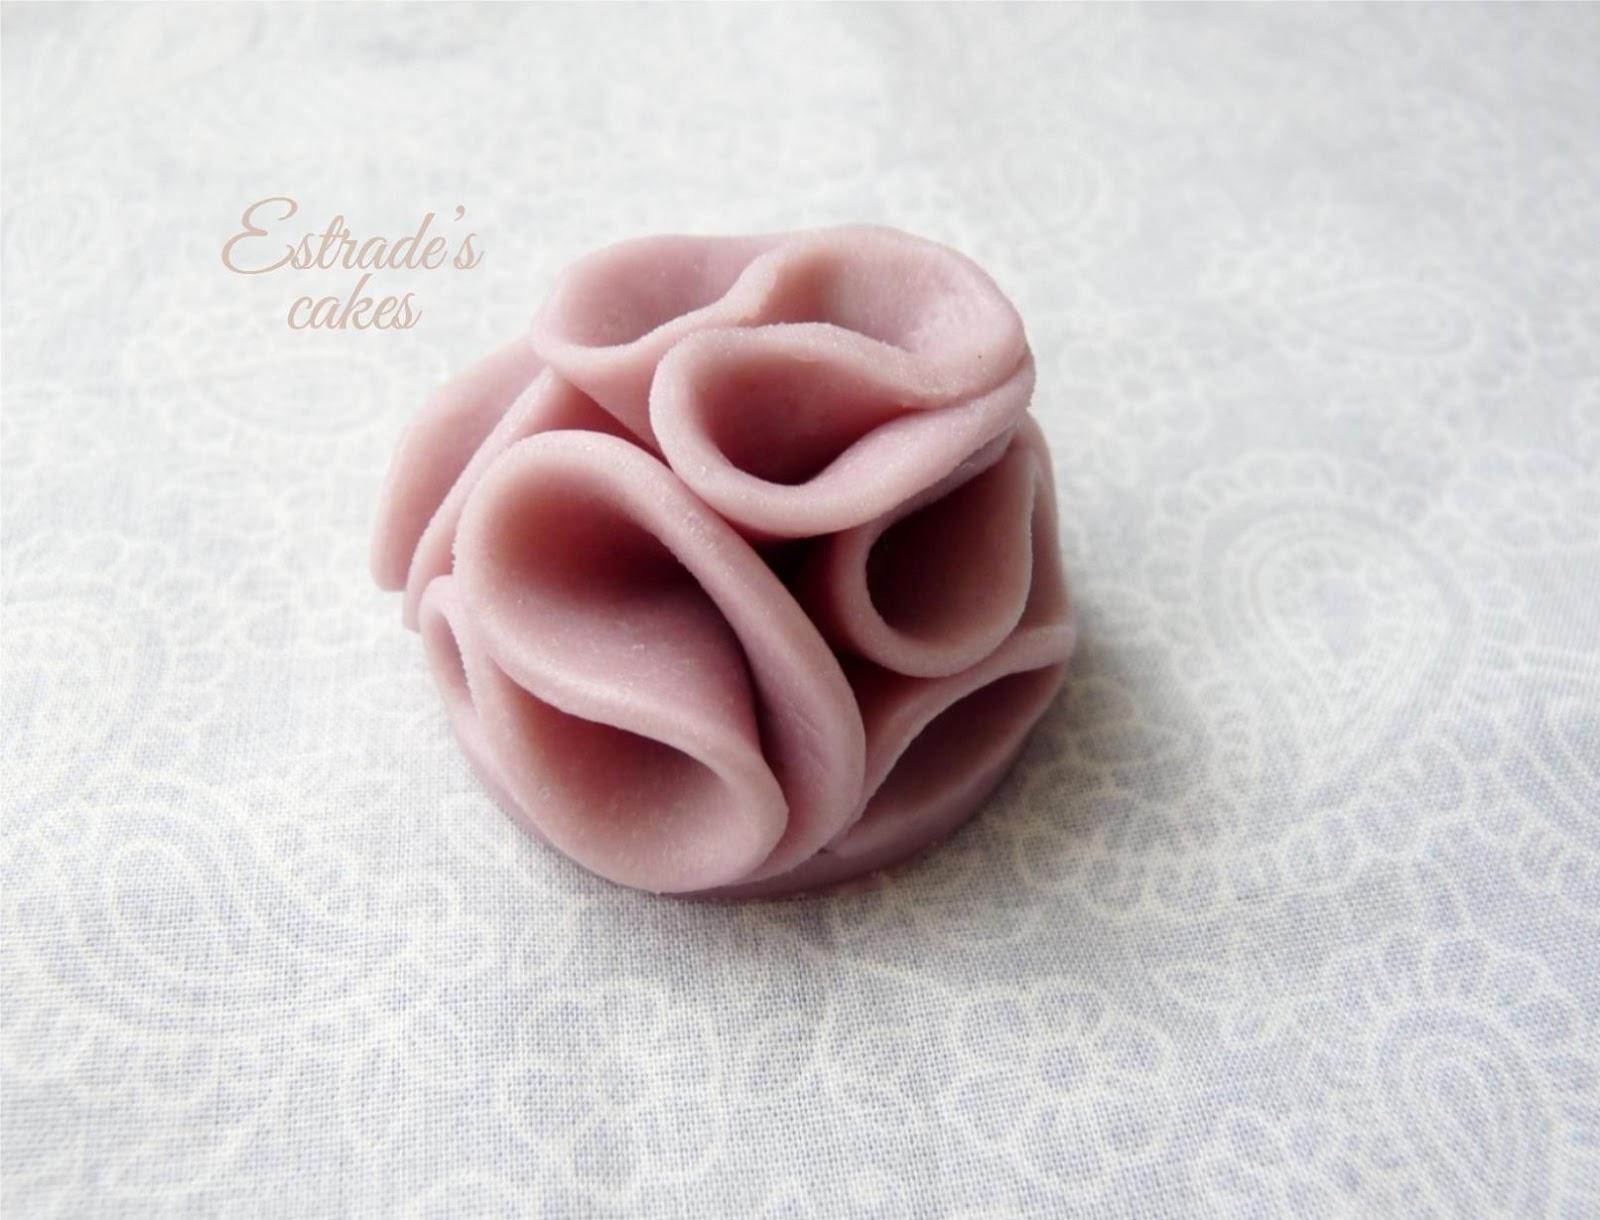 Chocolate plástico de modelar blanco, prueba 2 - flor